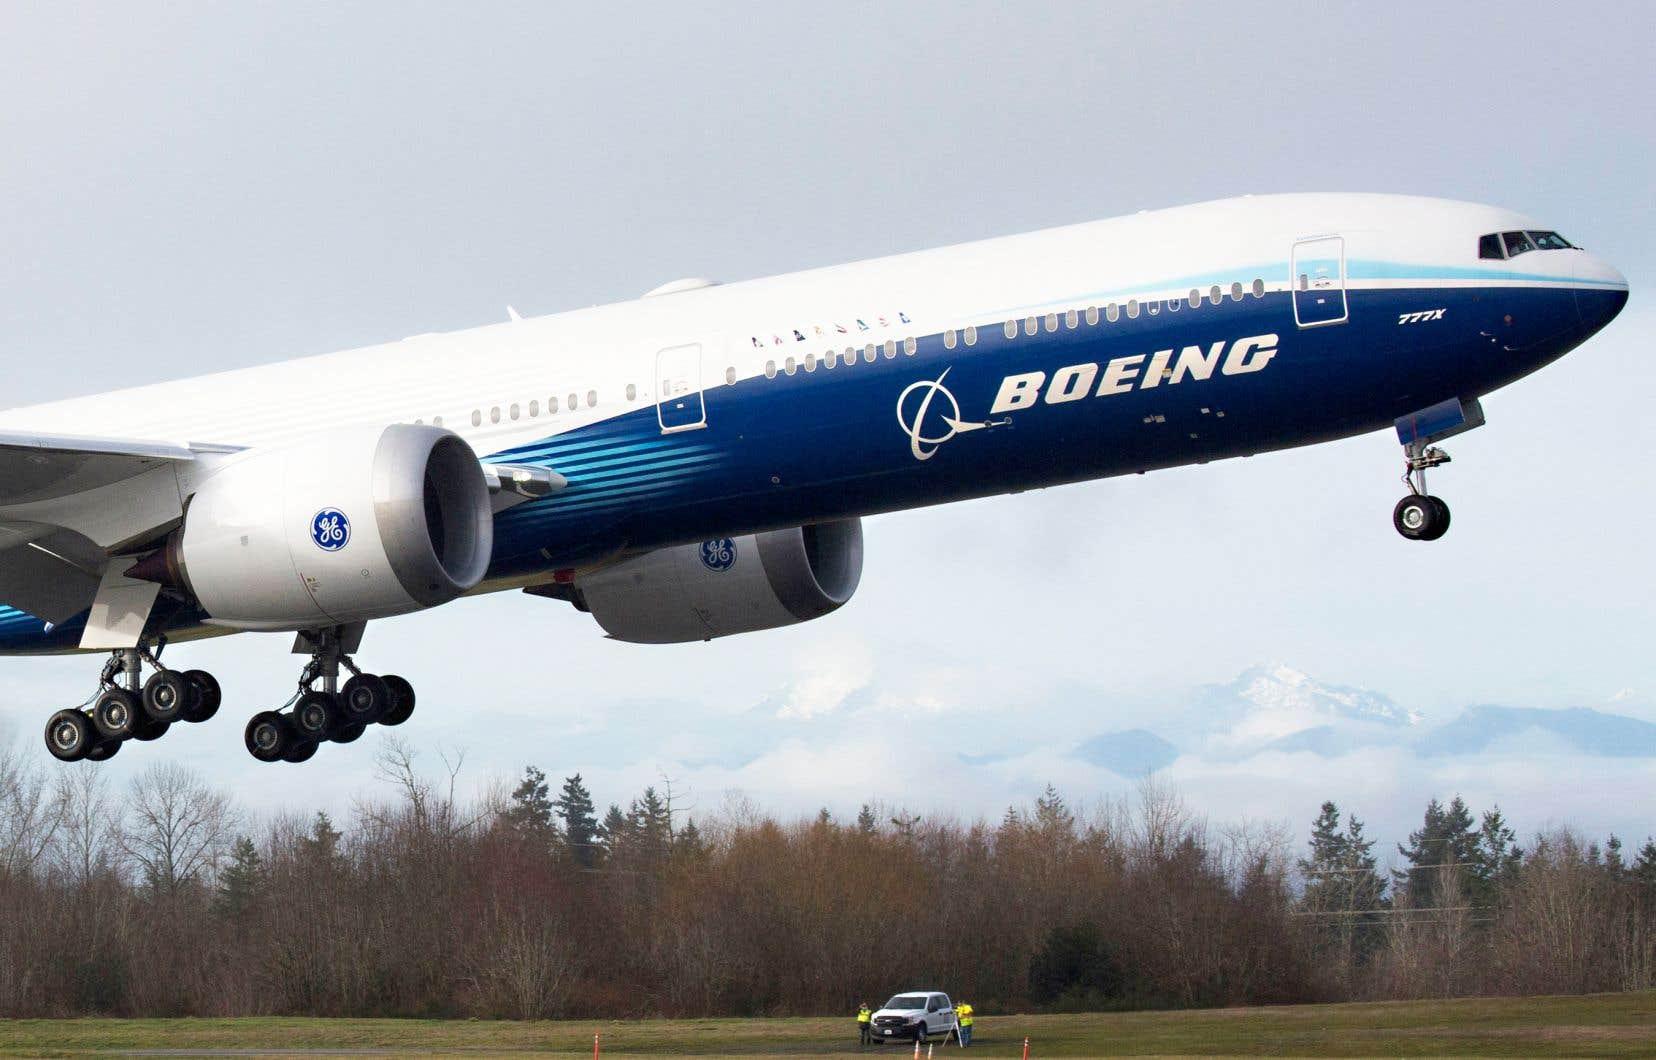 Alors que l'industrie de l'aviation commence à reprendre du mieux, Boeing tire de l'arrière après avoir éprouvé des problèmes électriques avec le jet 737 MAX, des problèmes de fuselage sur le 787 et un autre retard dans le calendrier du 777X (sur la photo).